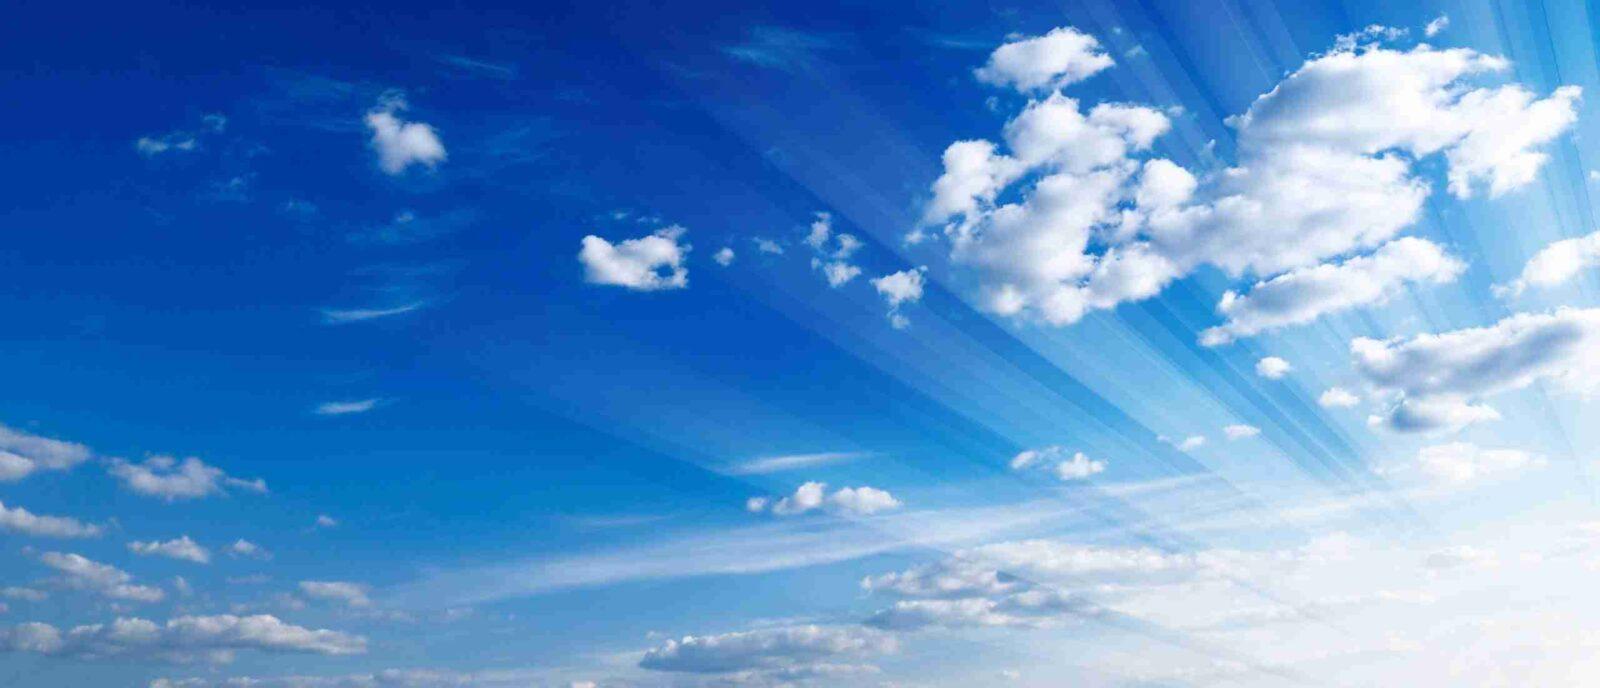 cloudflare rocket loader clouds in blue sky